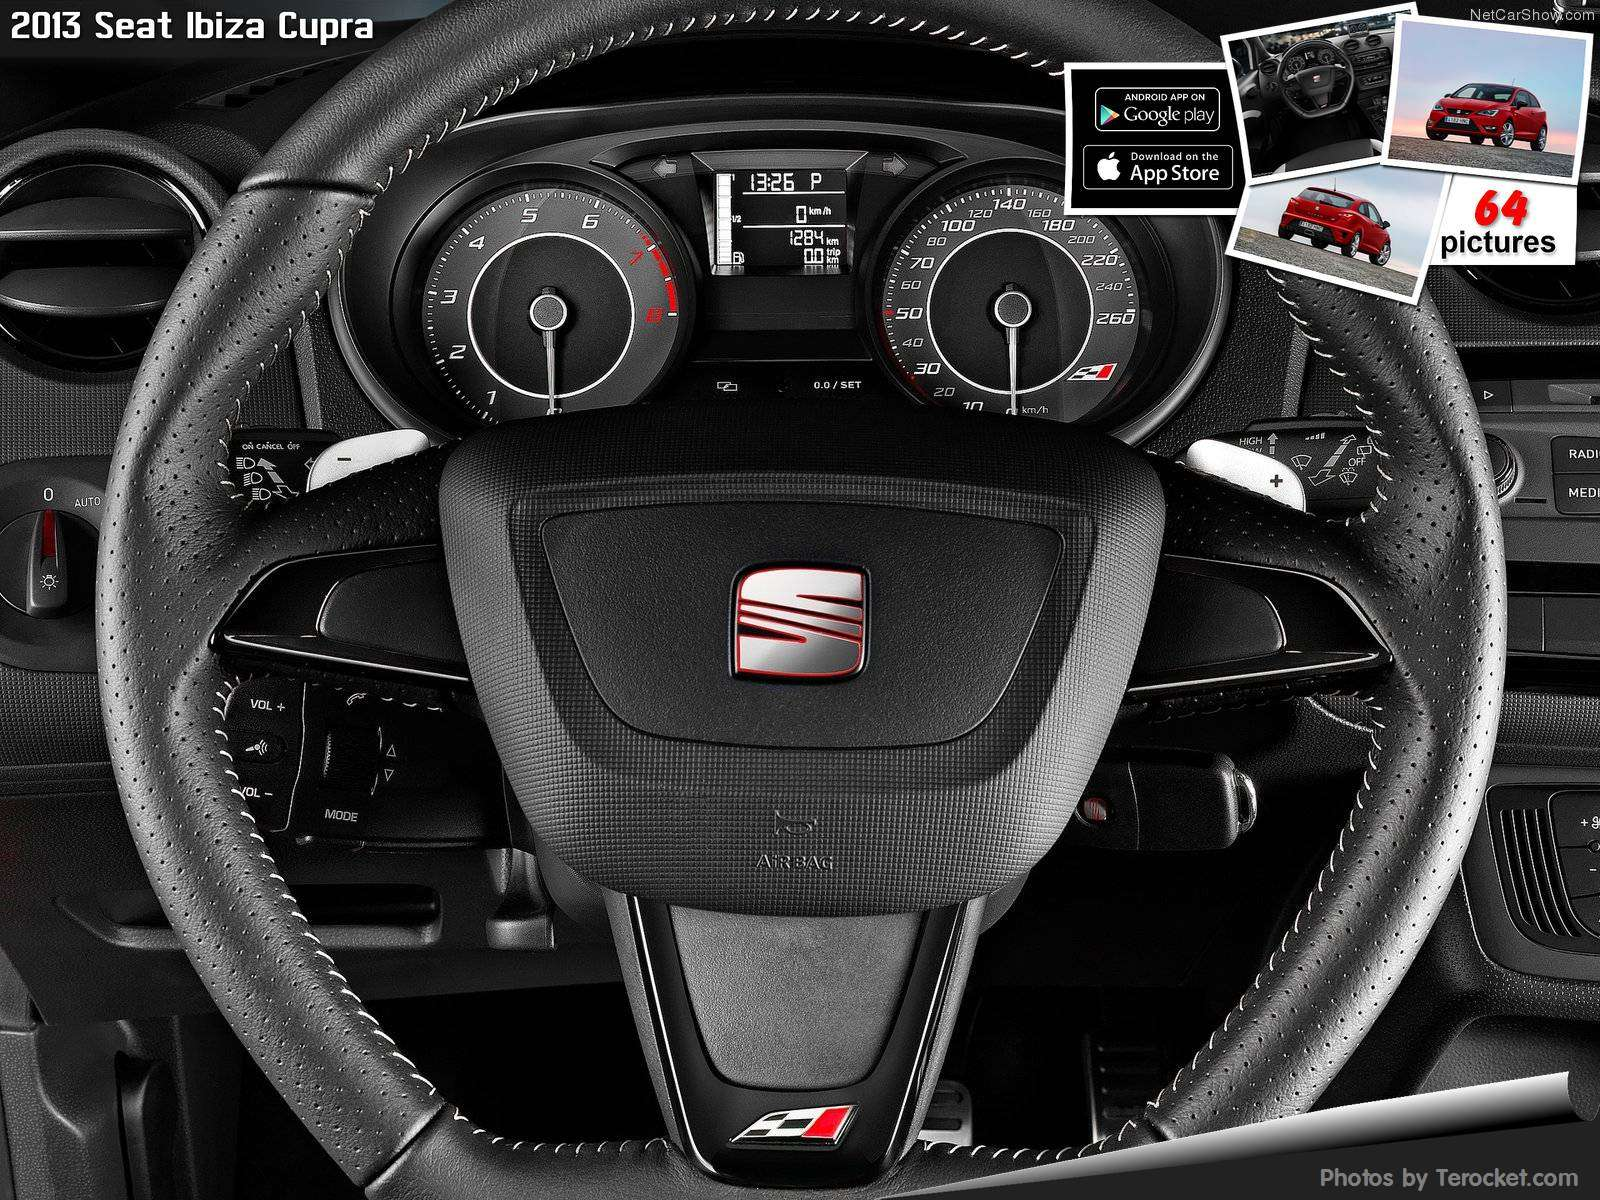 Hình ảnh xe ô tô Seat Ibiza Cupra 2013 & nội ngoại thất